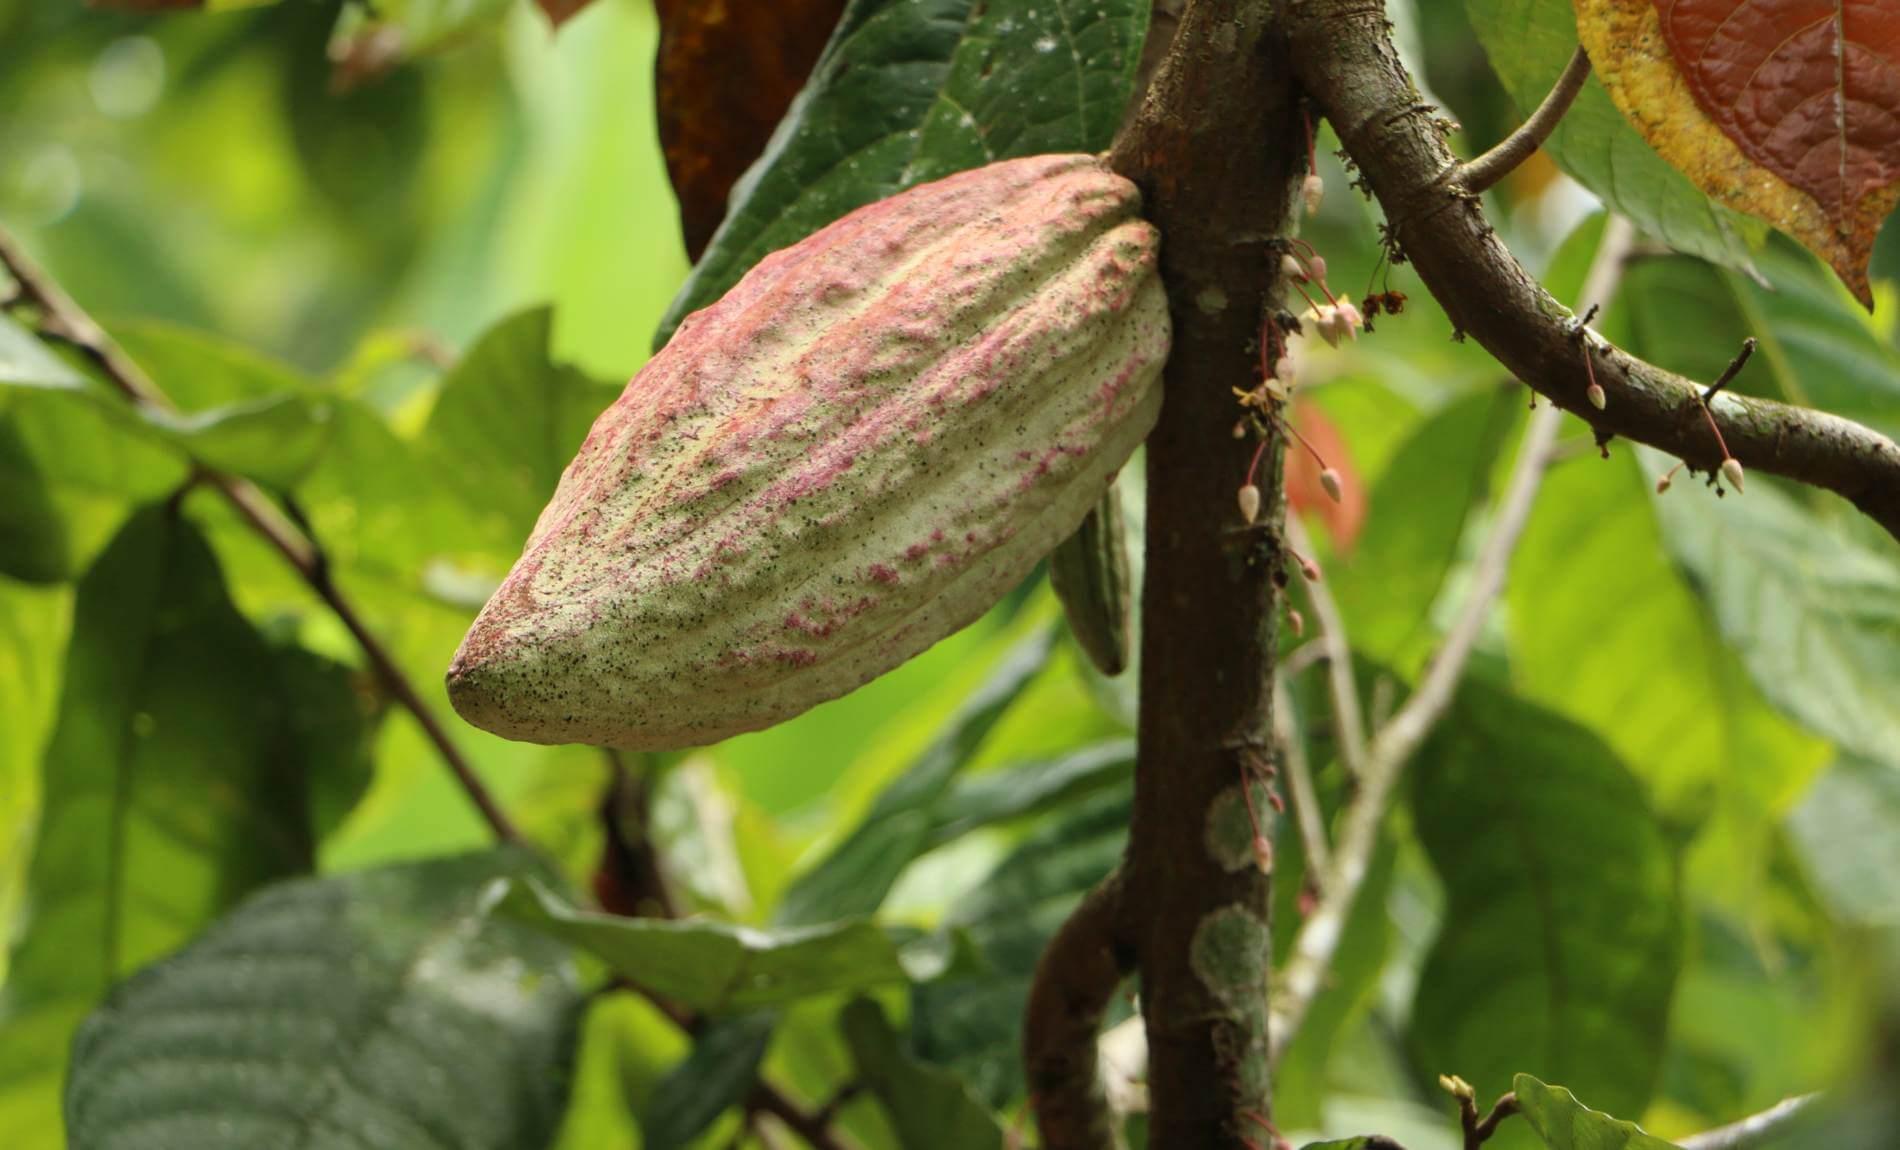 Eine grüne Kakaofrüchte auf einem grünen Kakaobaum